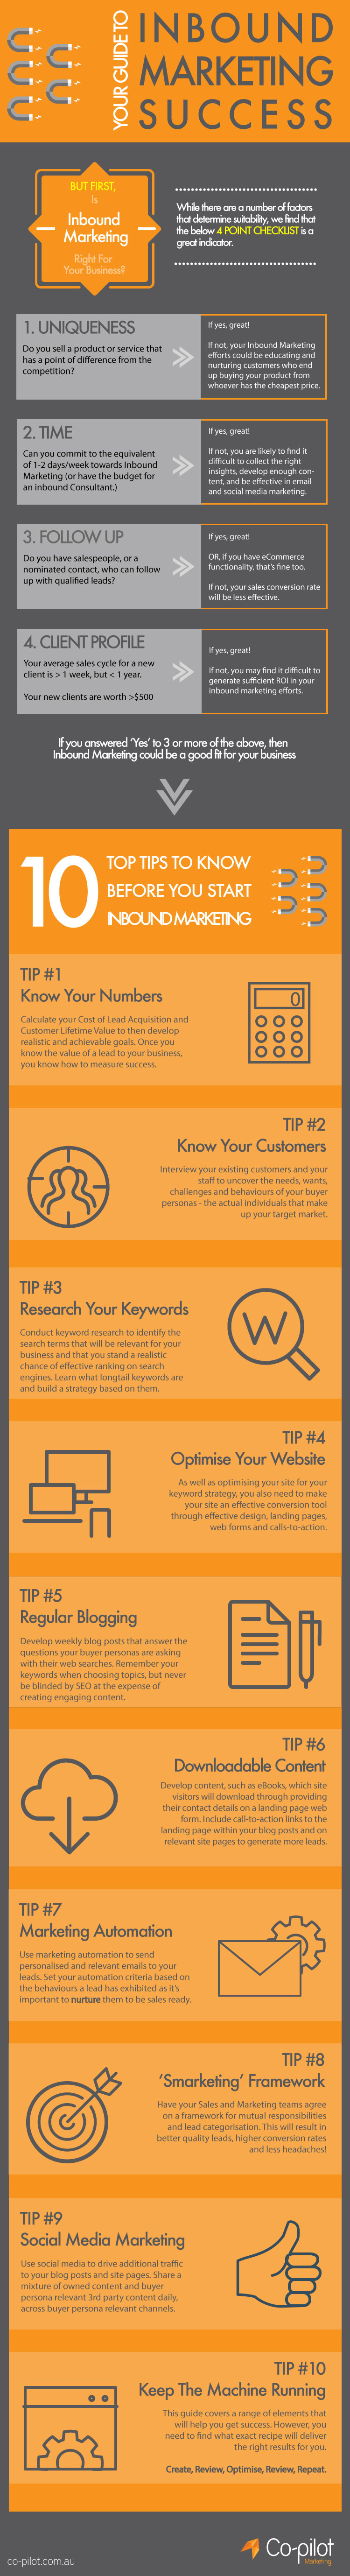 Inbound-Marketing-Success-Infographic.jpg